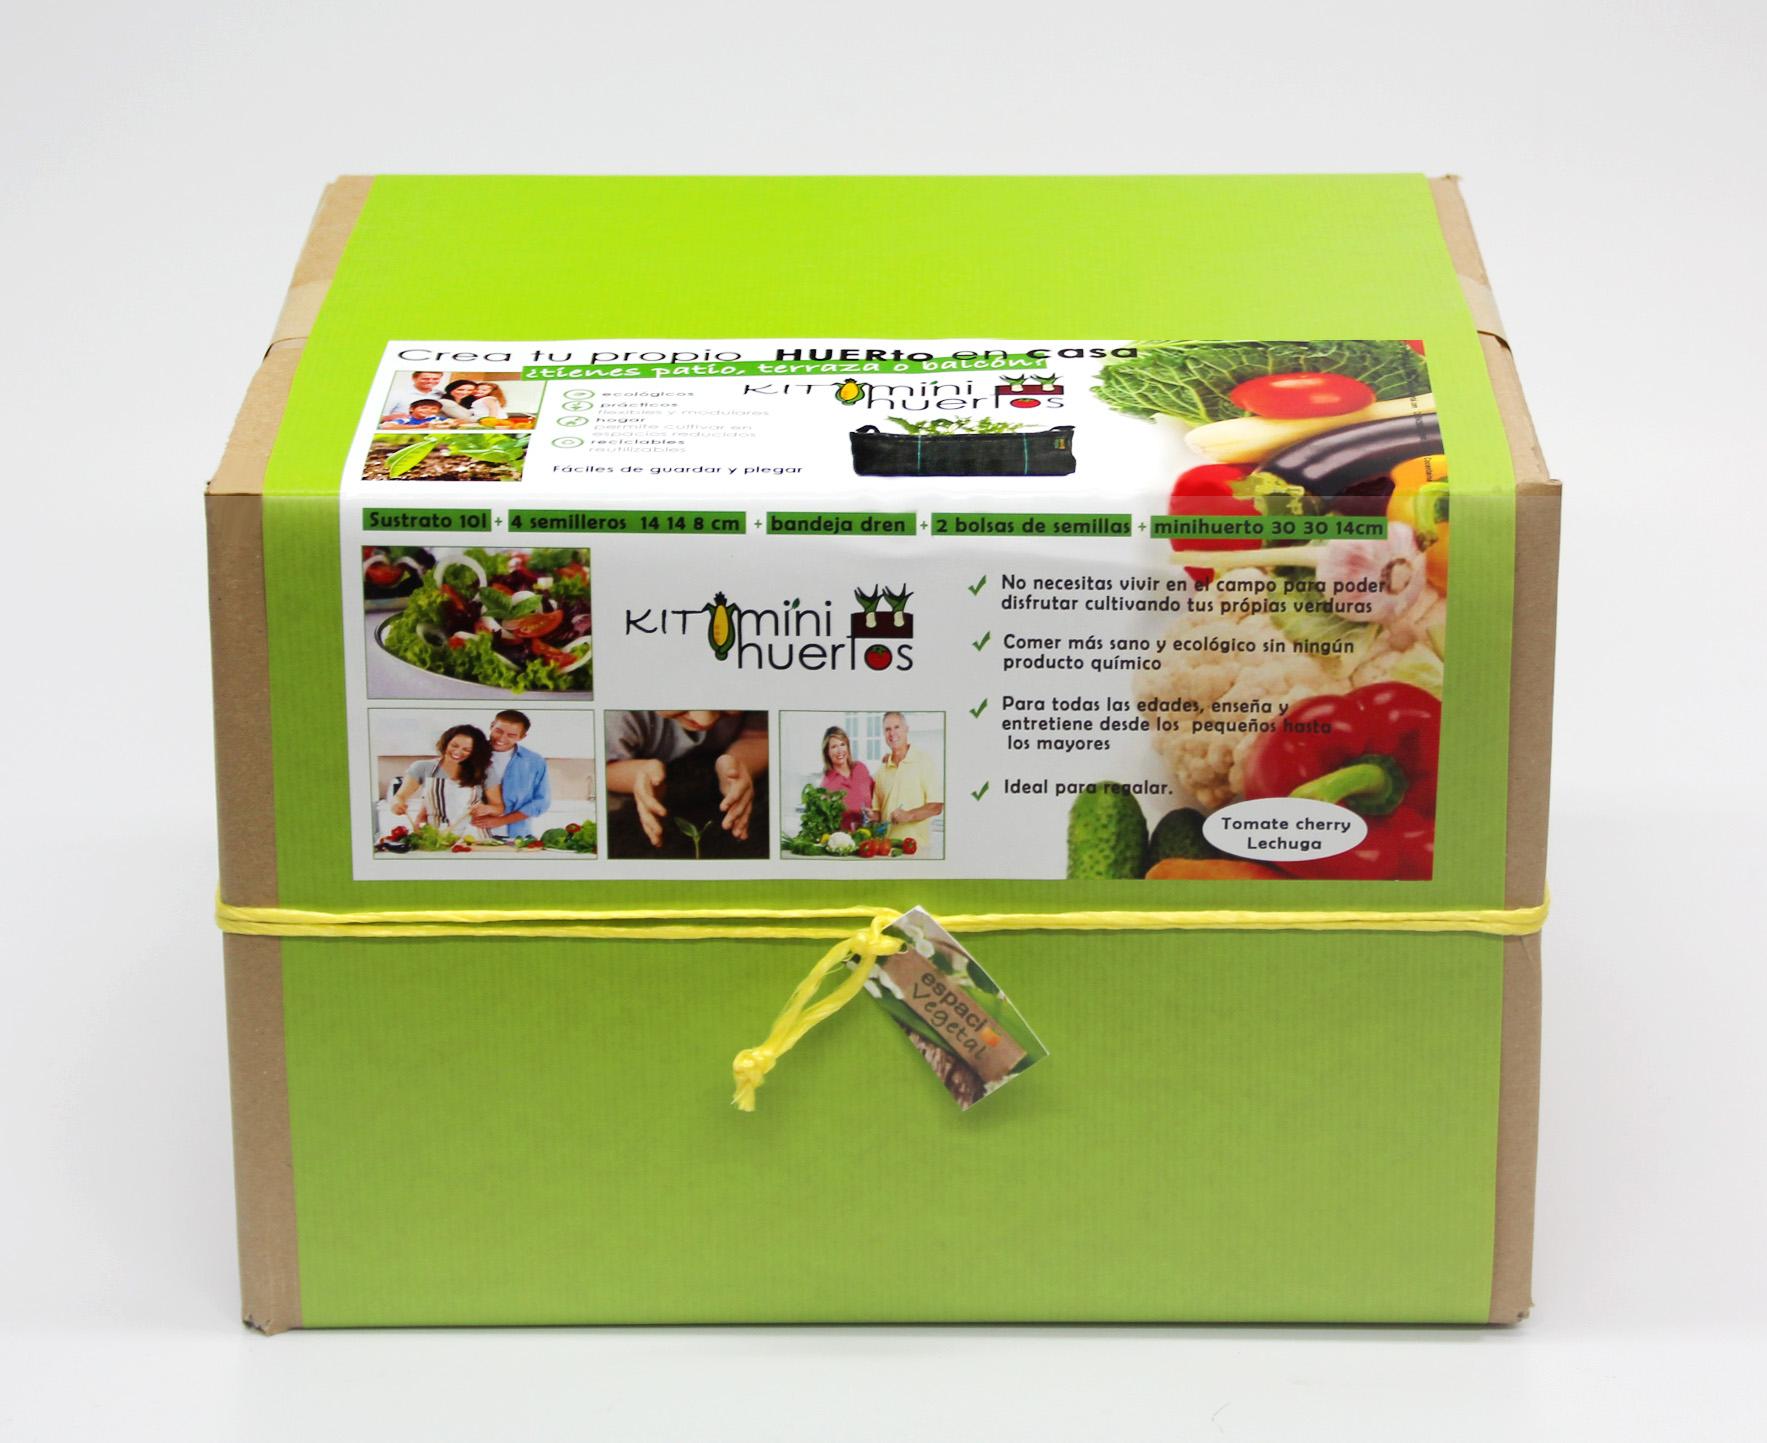 Cultivar vegetales en casa para principiantes espacio - Huerto para principiantes ...